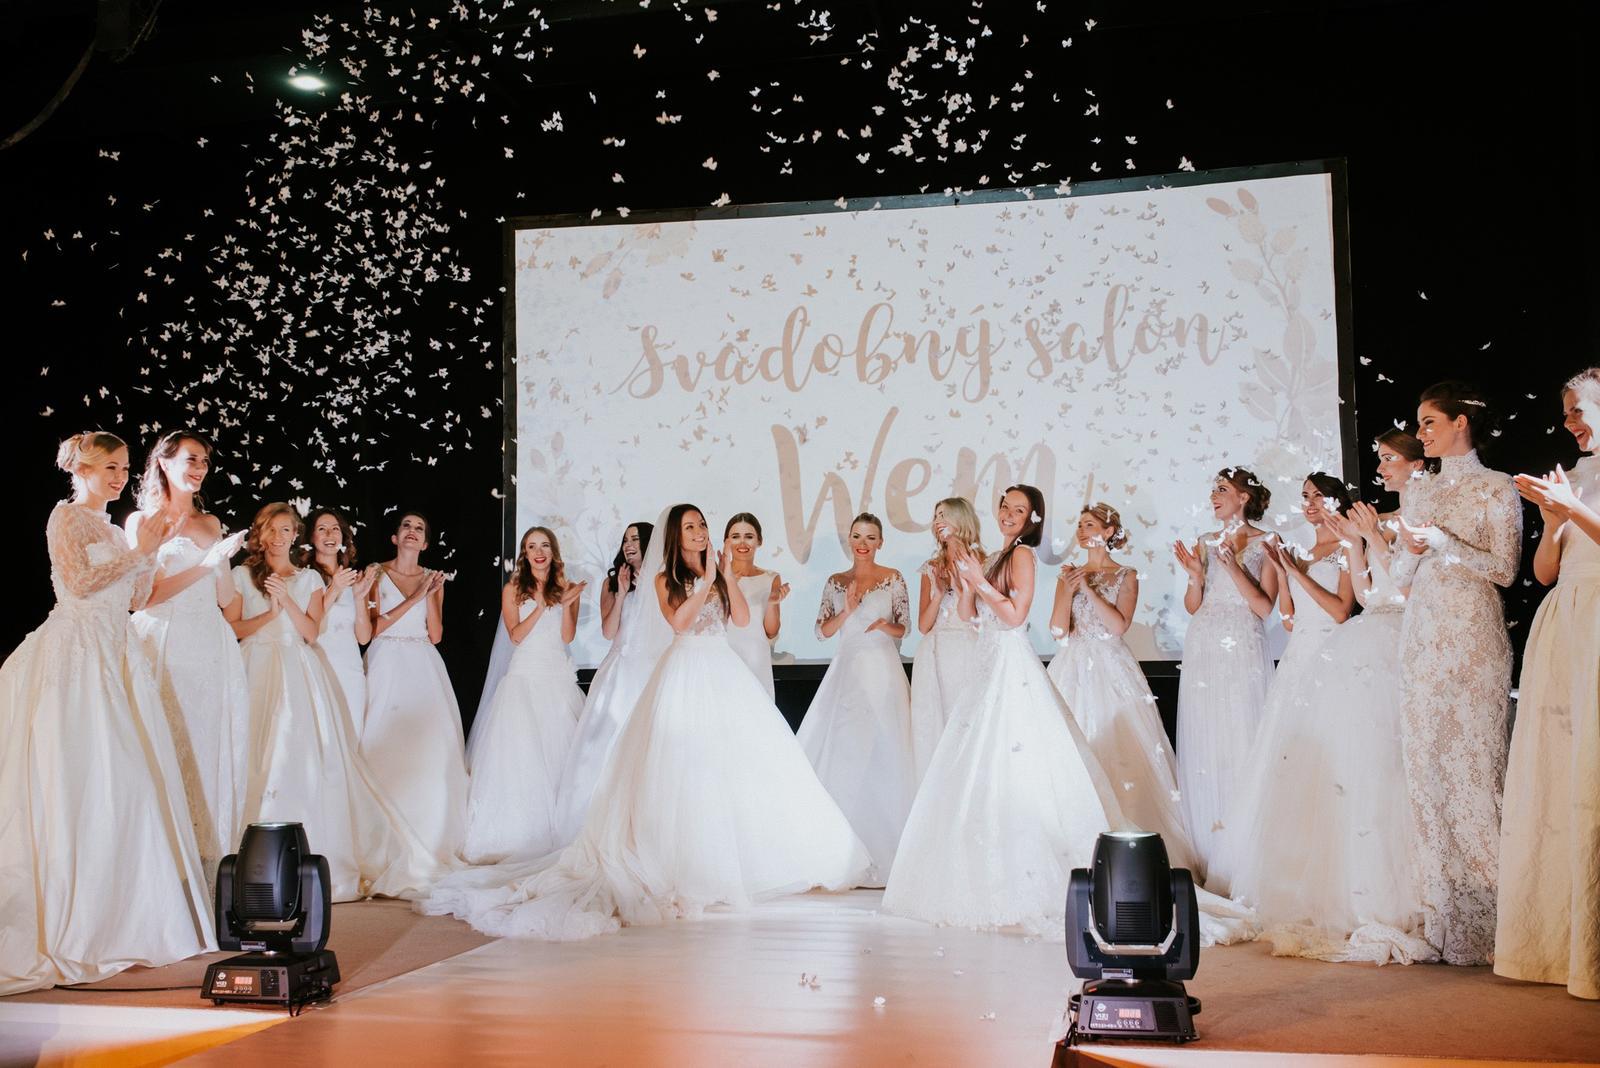 Na akých svadobných výstavách ste tento rok boli? A na aké sa chystáte? Ešte stále dve z nich stíhate! ⬇️⬇️⬇️ https://mojasvadba.zoznam.sk/svadobne-vystavy-a-veltrhy-2019/ - Obrázok č. 1